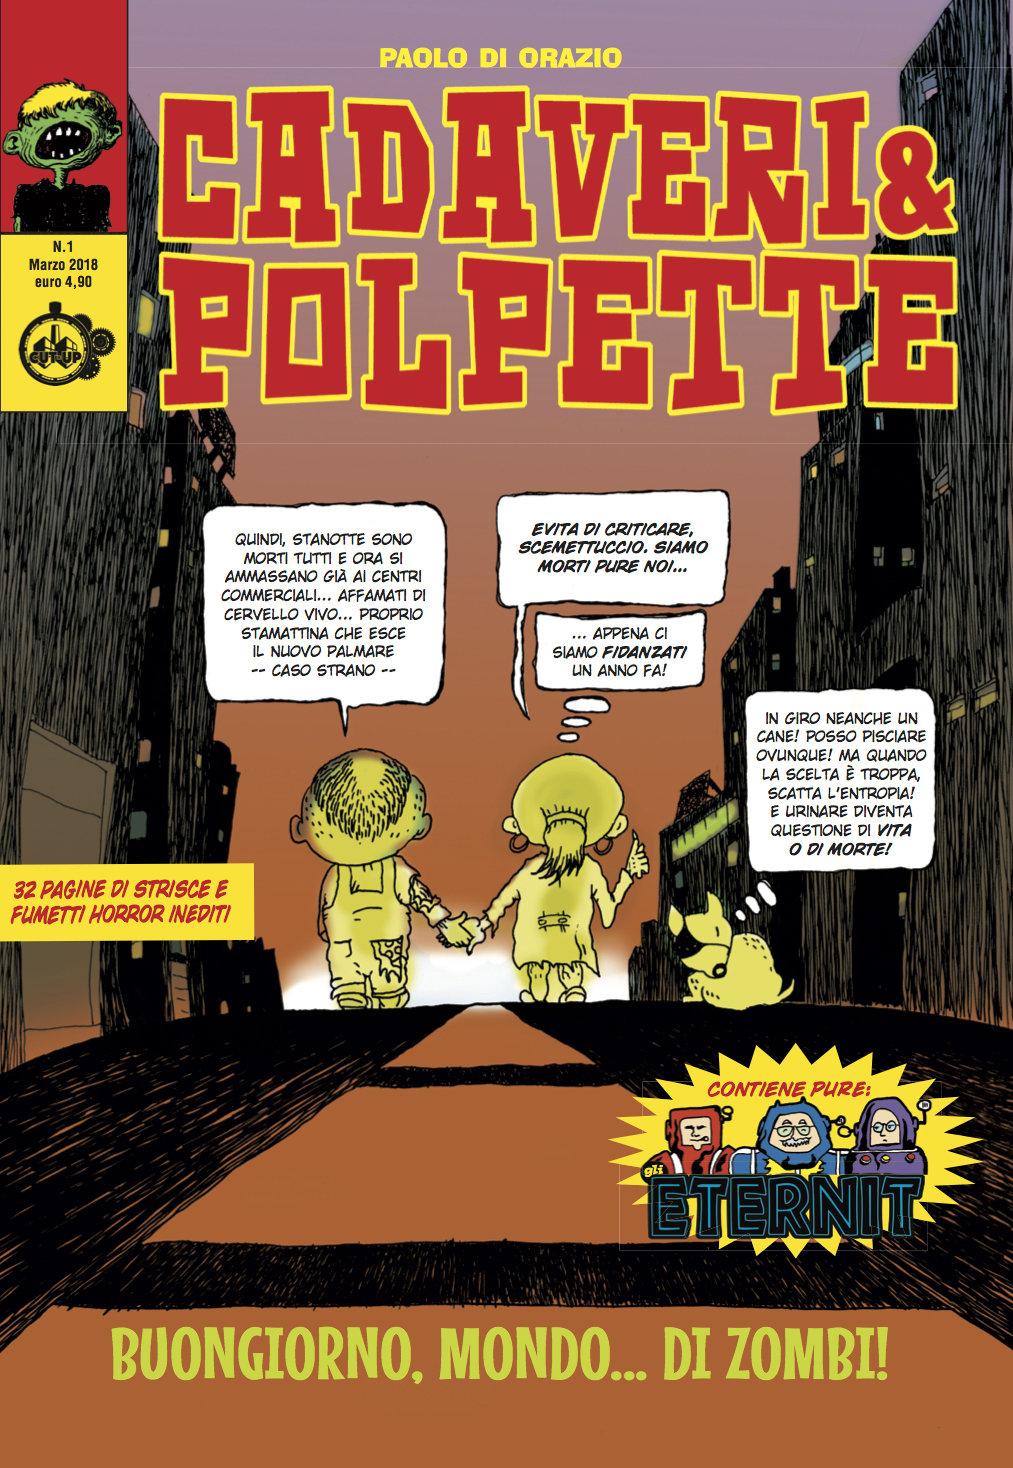 """CADAVERI & POLPETTE: """"Buongiorno mondo... di zombi!"""" di Paolo Di Orazio"""